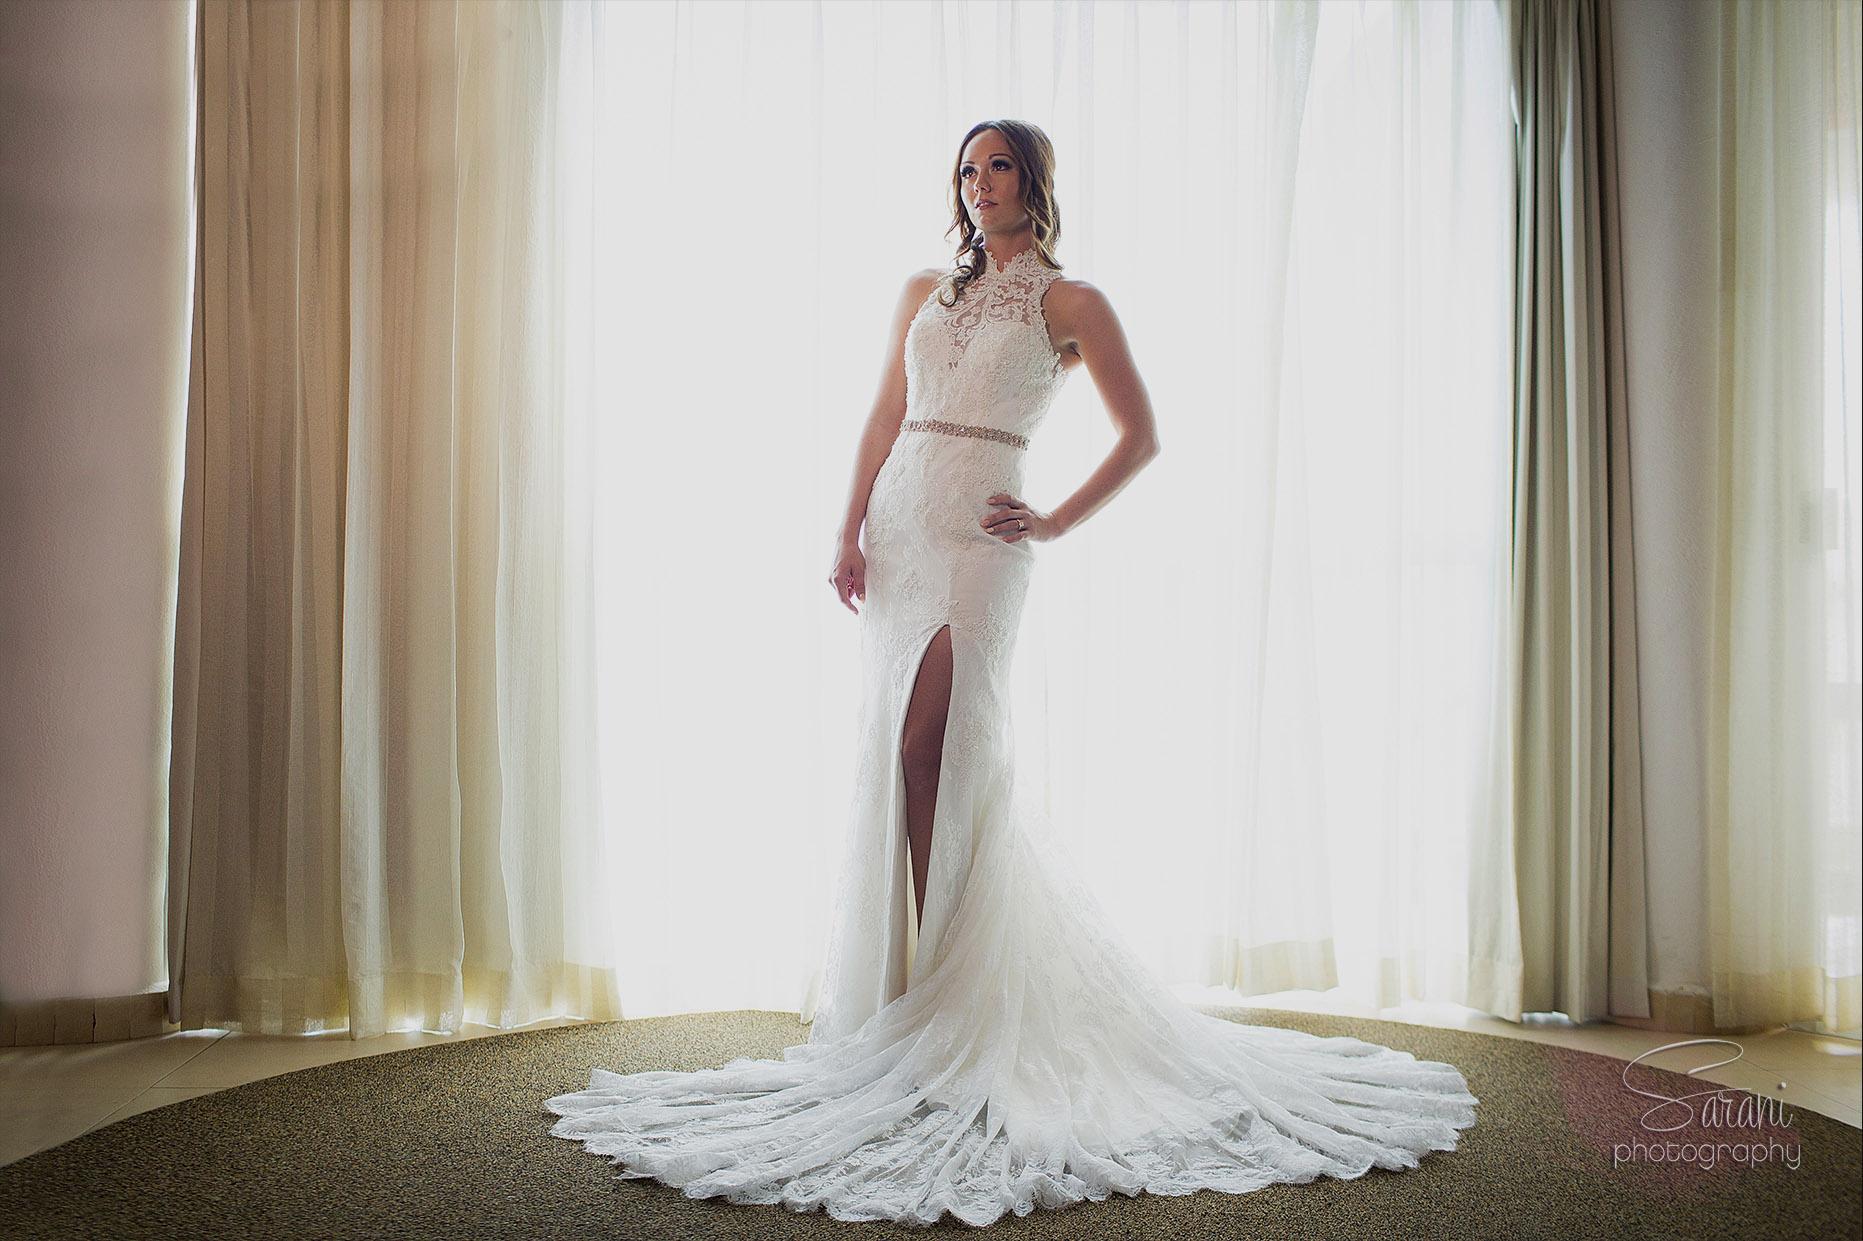 Wedding Photography at El Dorado Royale